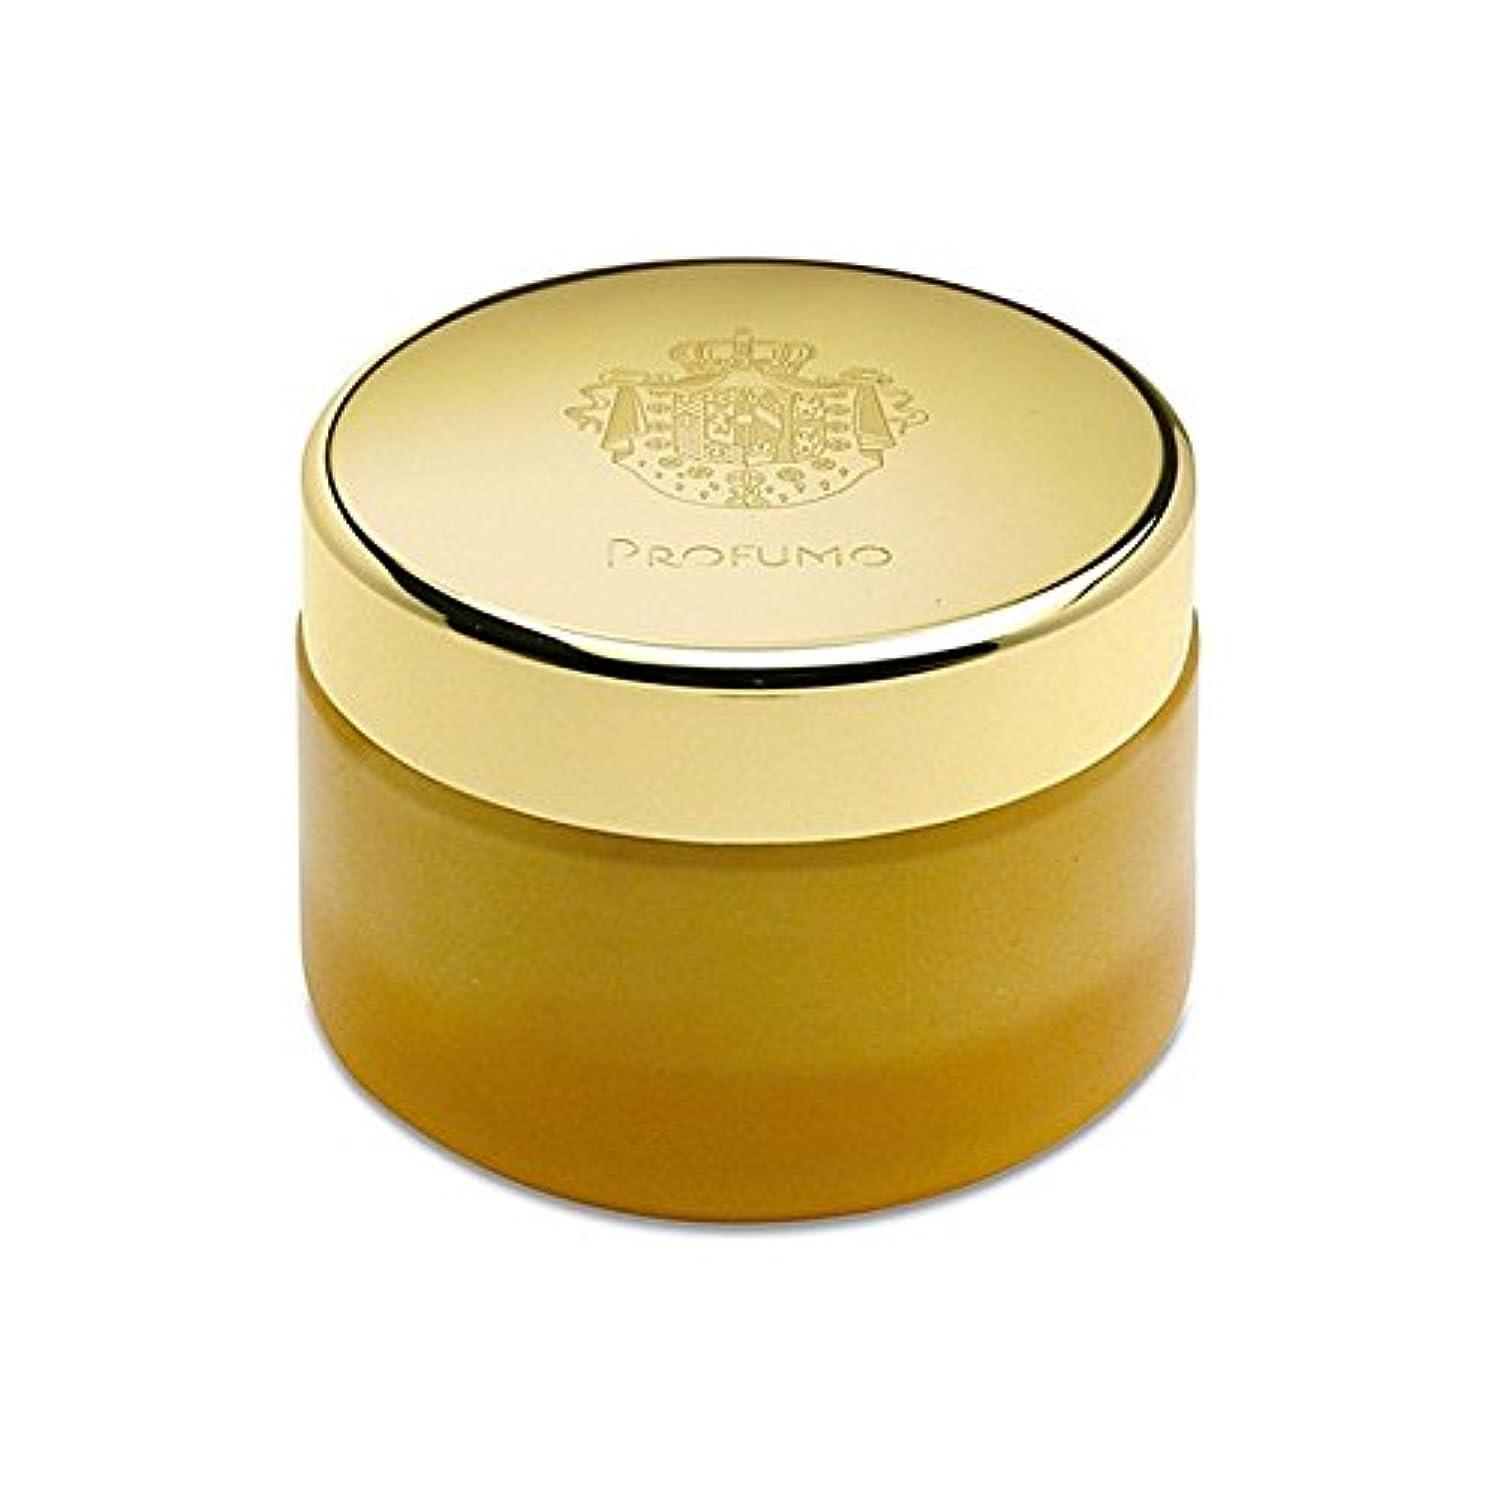 谷マインドベンチアクアディパルマボディクリーム200ミリリットル x2 - Acqua Di Parma Profumo Body Cream 200ml (Pack of 2) [並行輸入品]